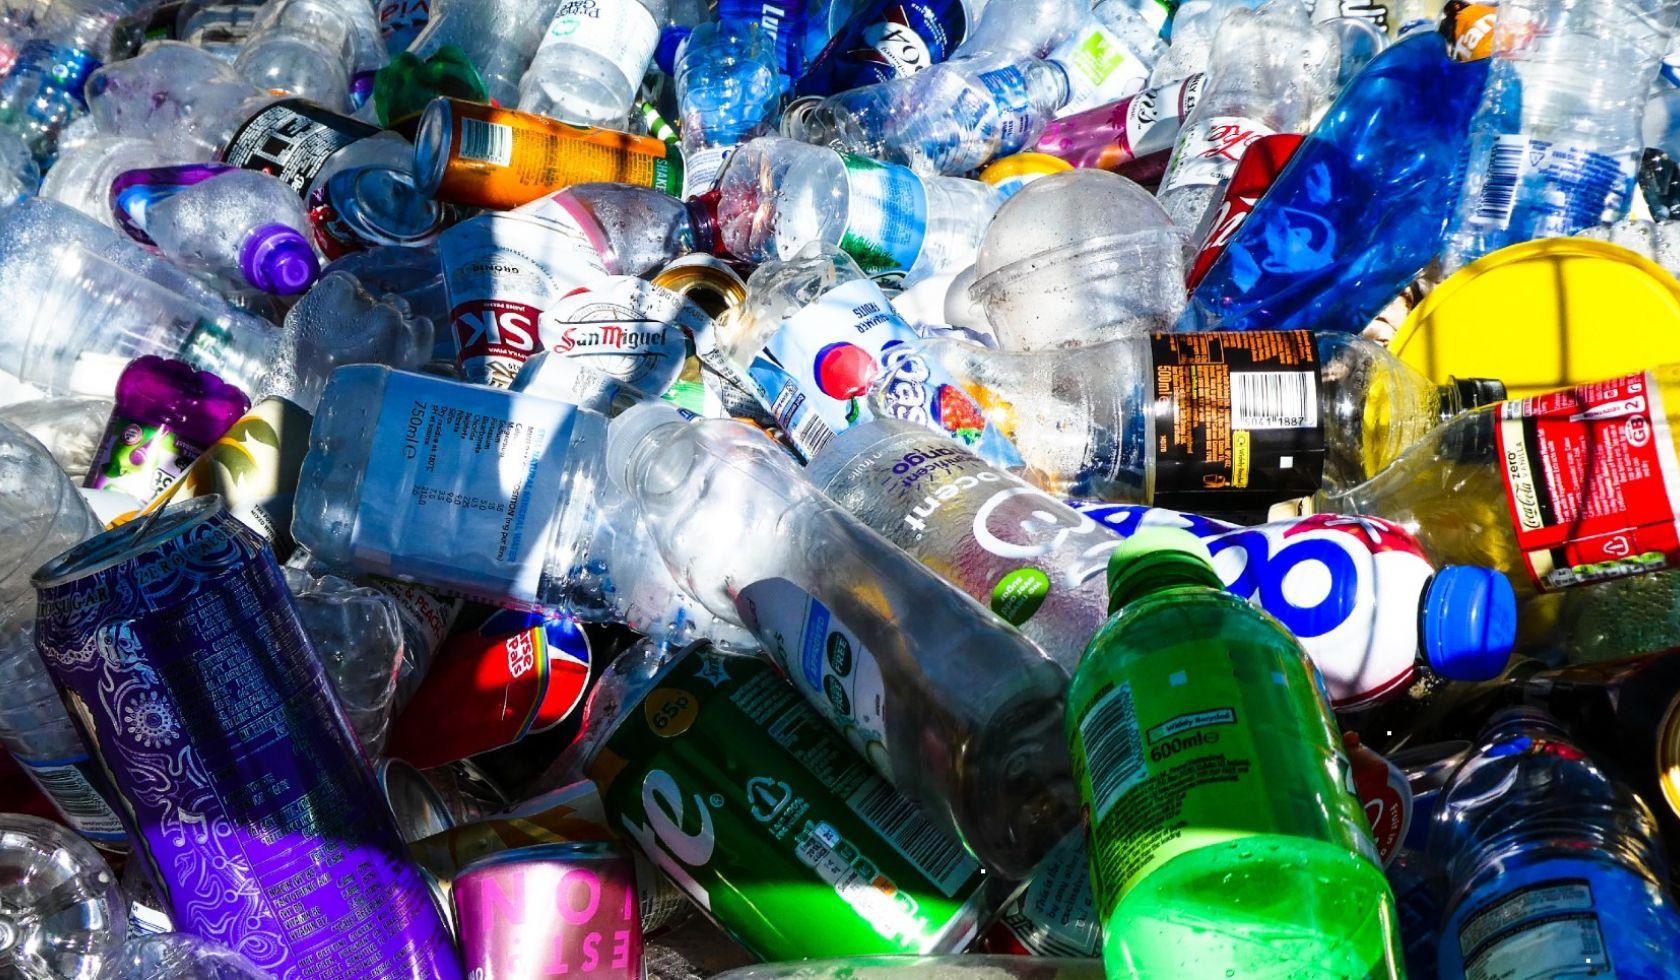 Comment les industriels innovent pour réduire leur production de plastique